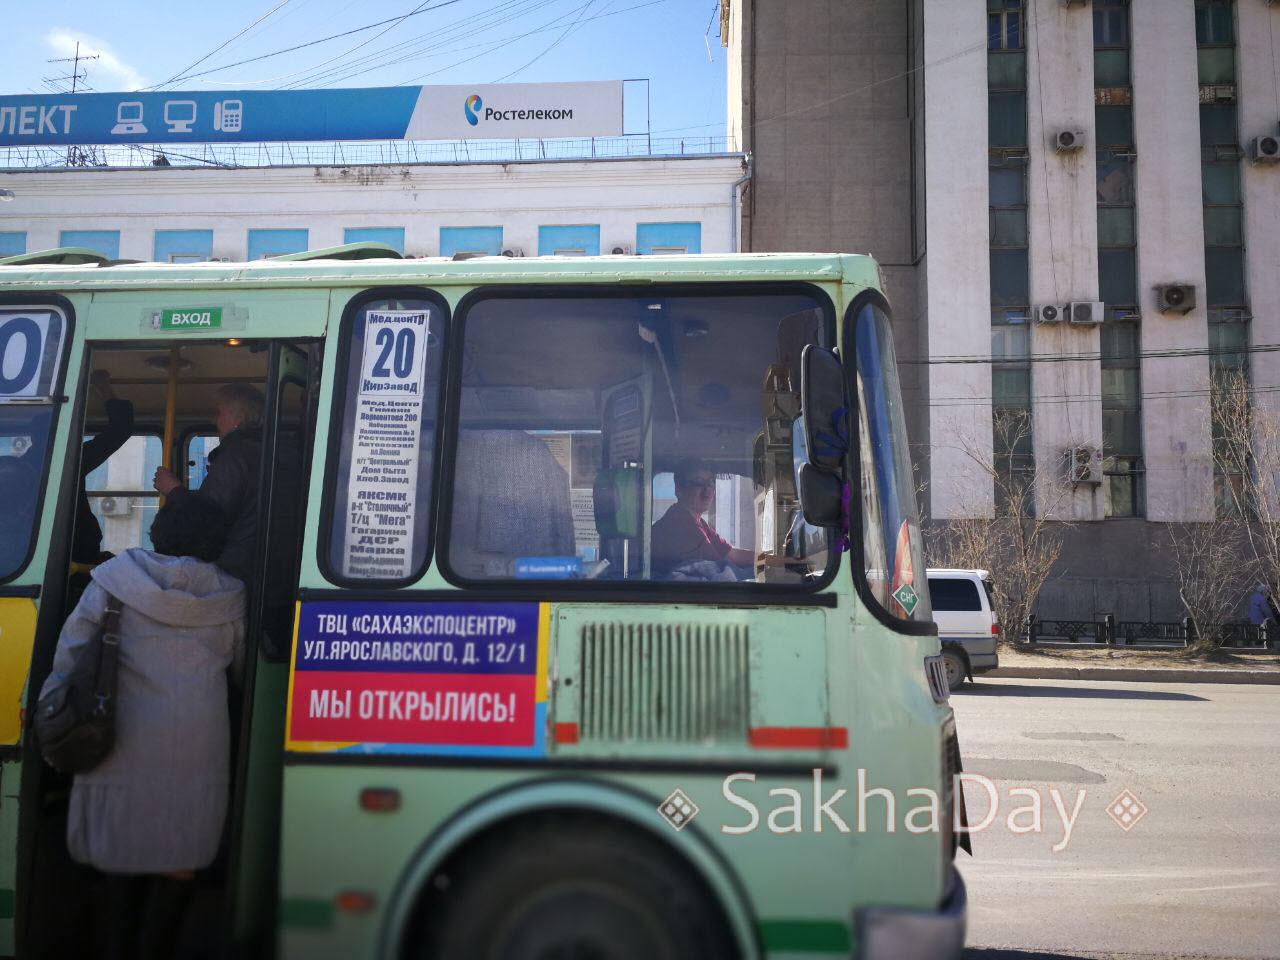 С 1 июля оплата за проезд в автобусах Якутска возрастет до 30 рублей